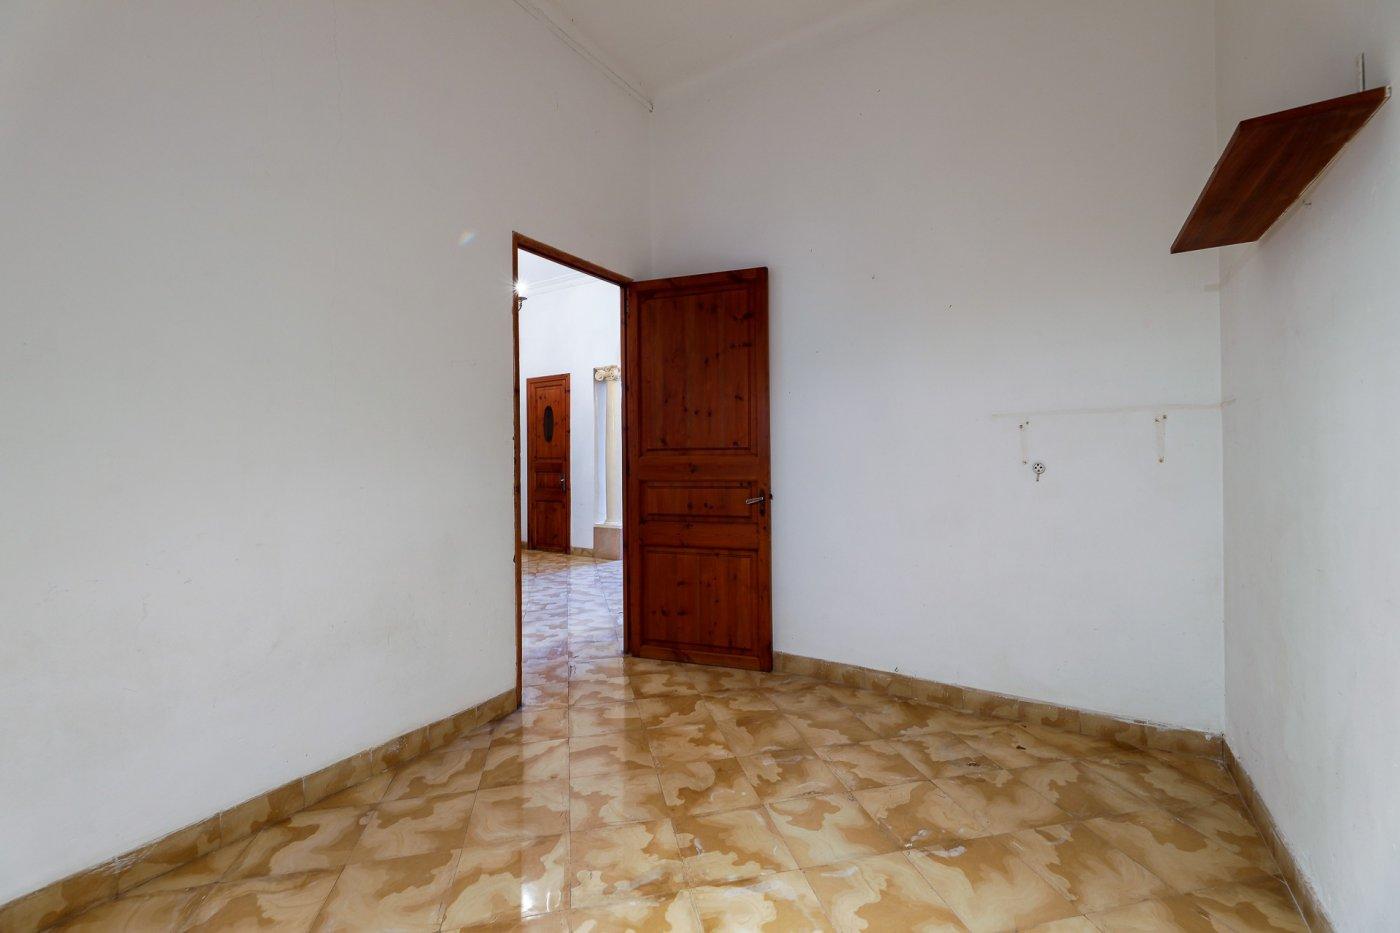 Casa con jardÍn en el centro de llucmajor - imagenInmueble14